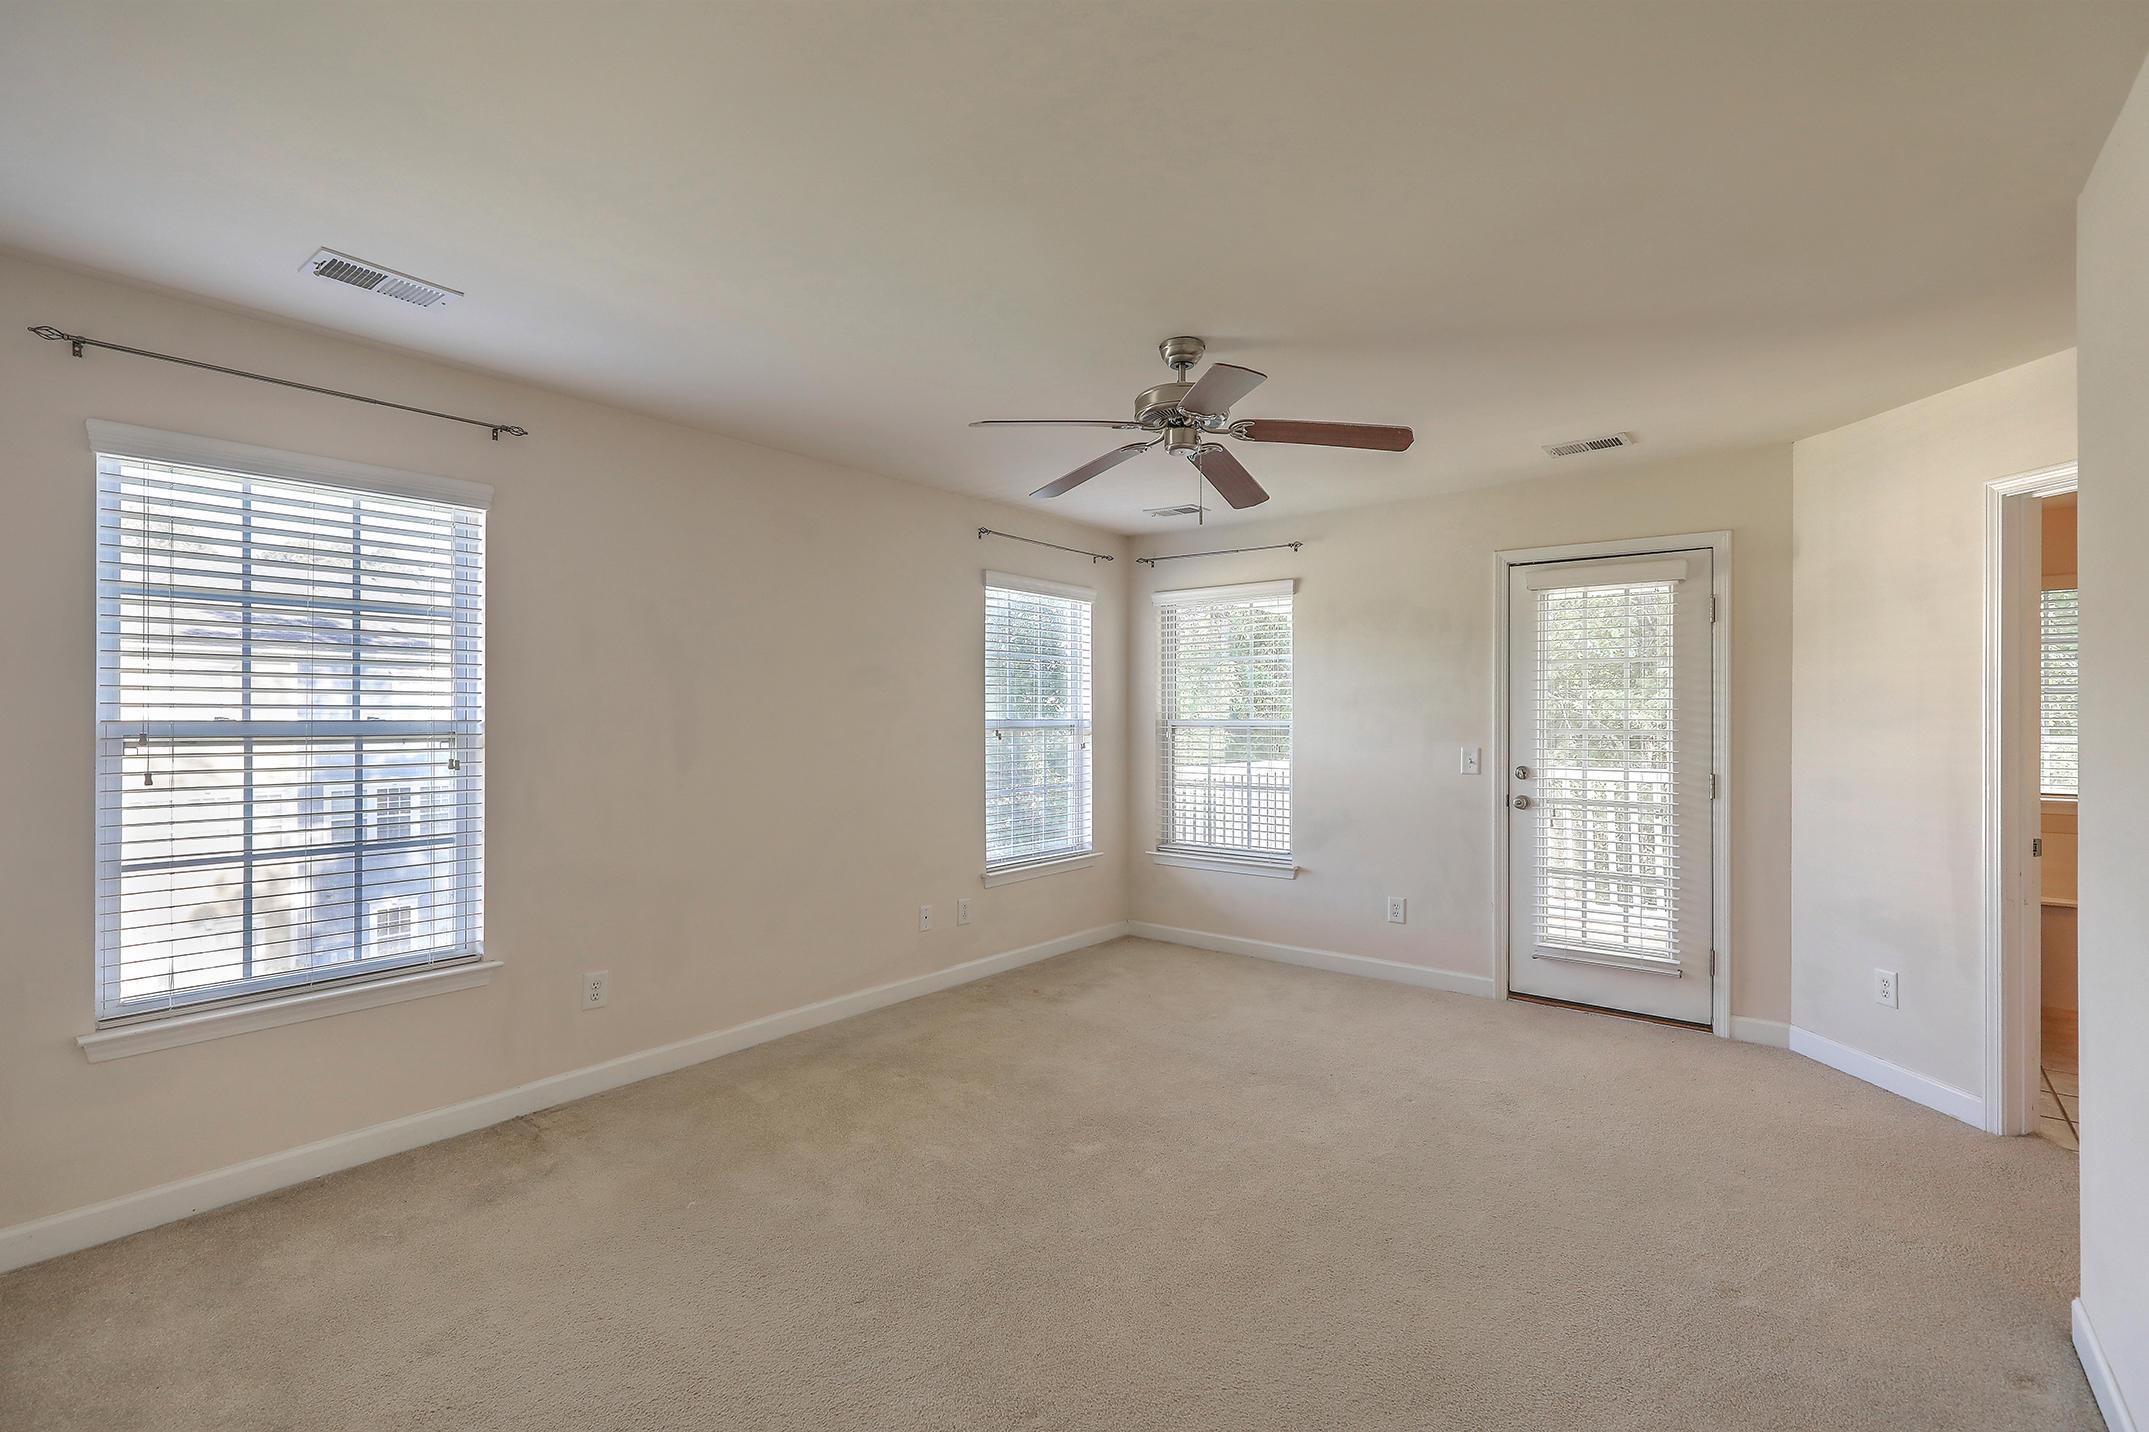 Park West Homes For Sale - 3471 Claremont, Mount Pleasant, SC - 0